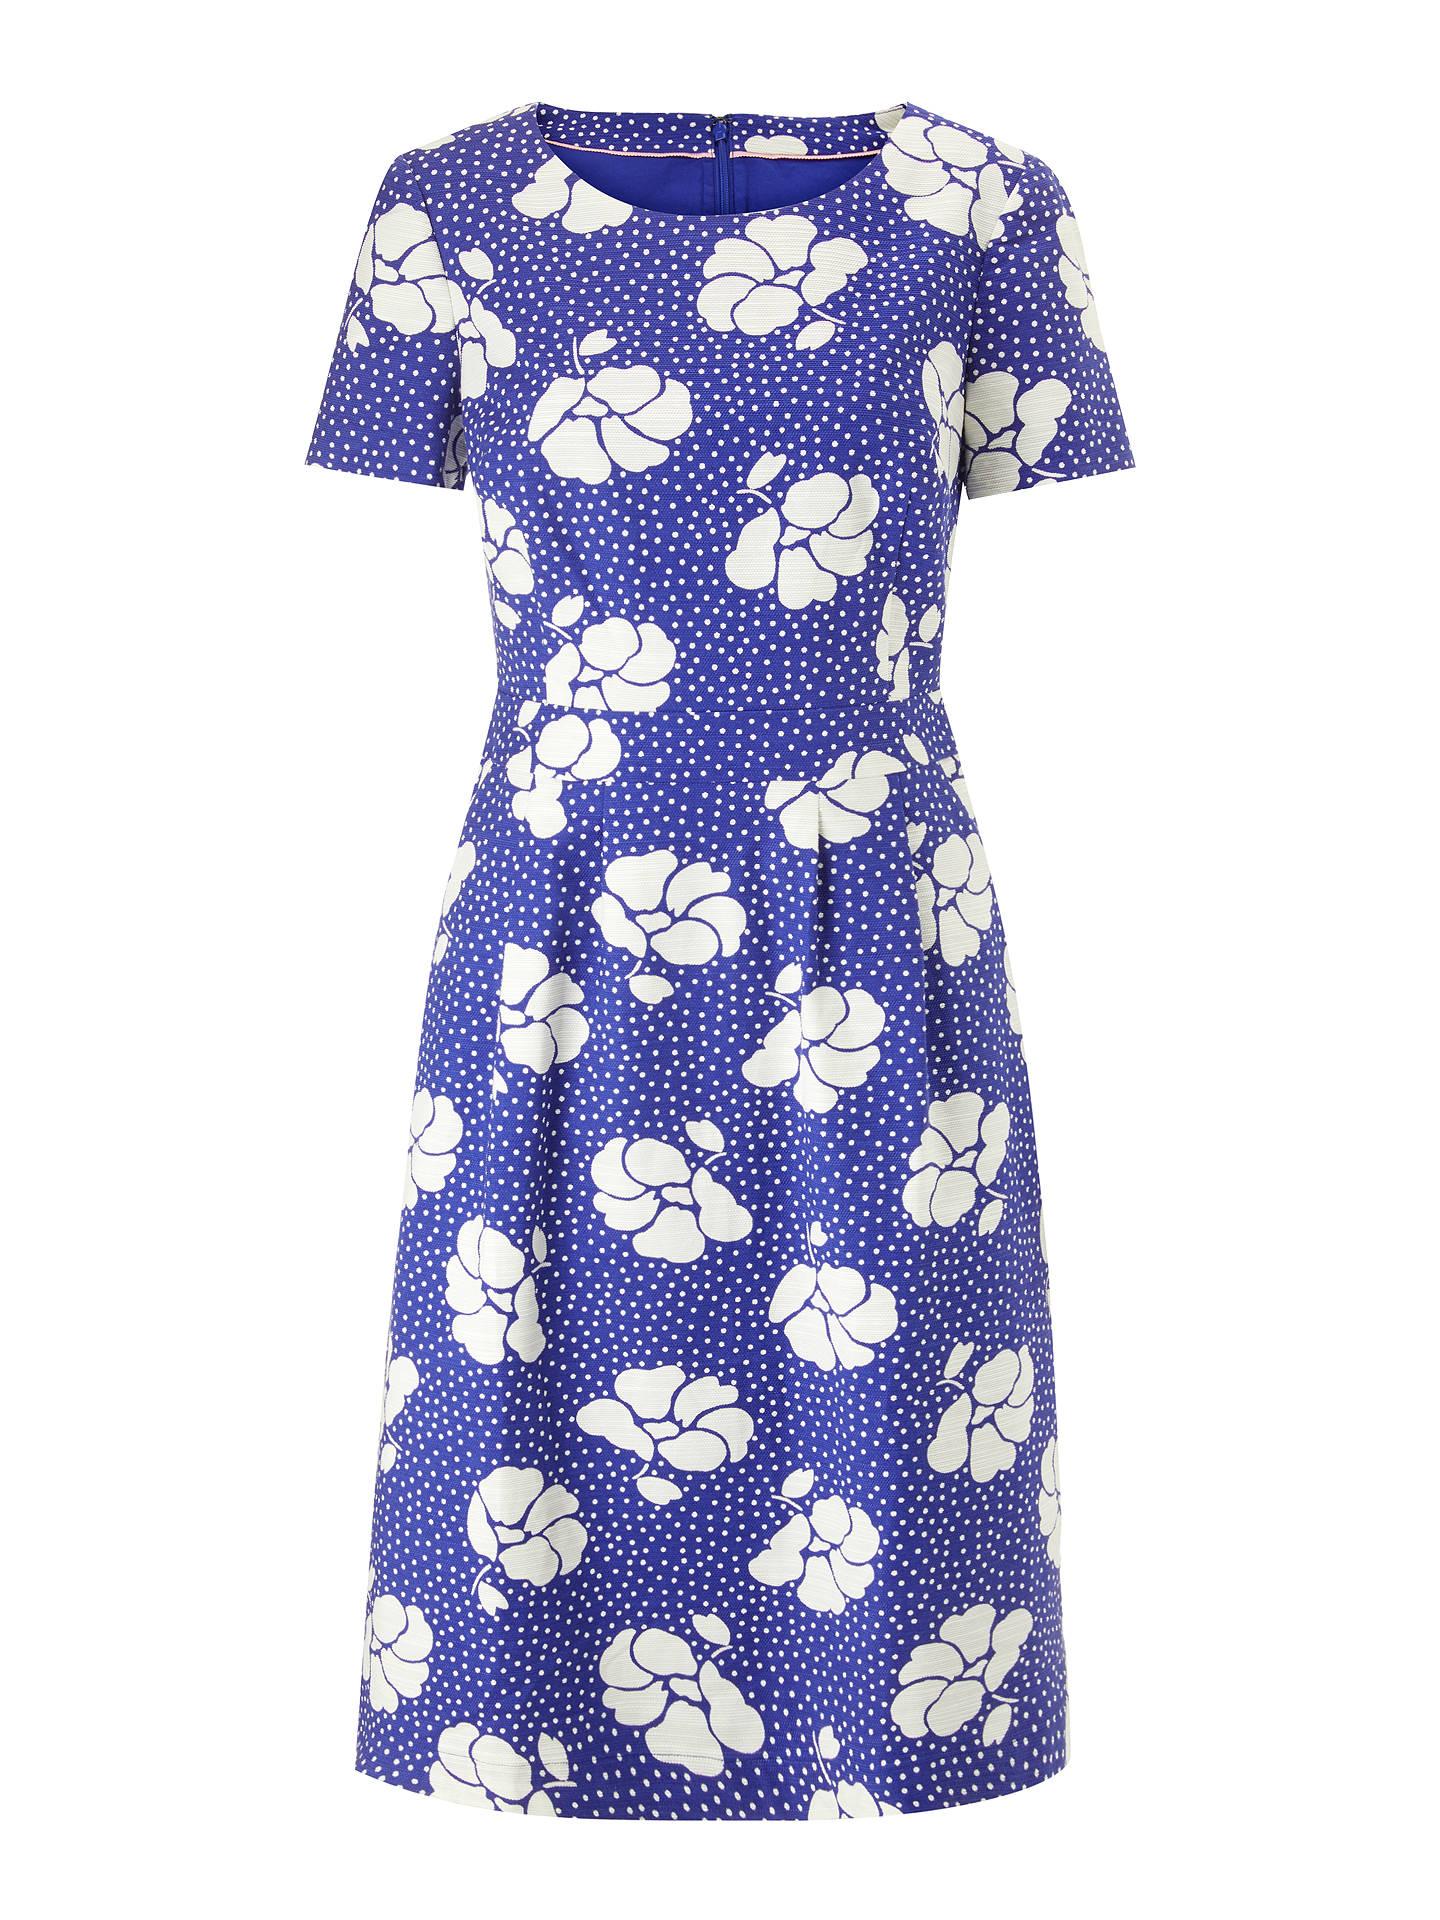 Boden Sierra Textured Dress At John Lewis Partners